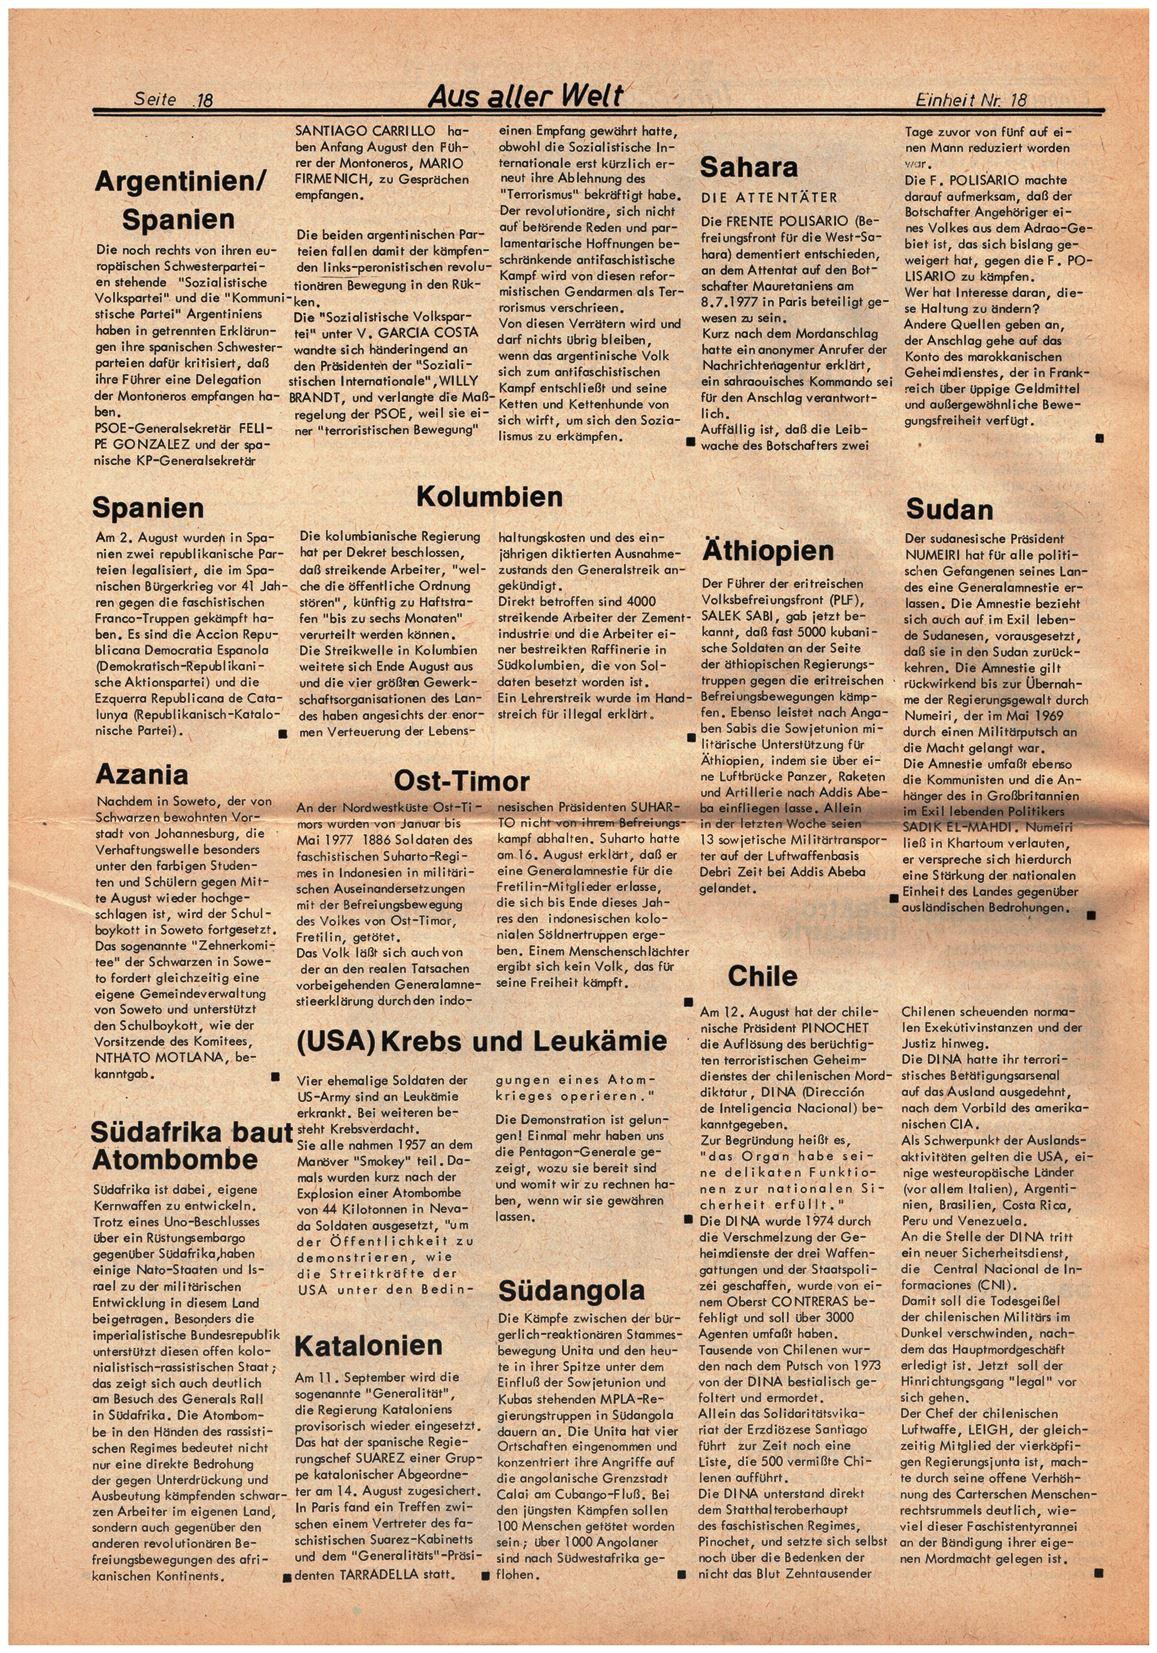 Koeln_IPdA_Einheit_1977_018_018